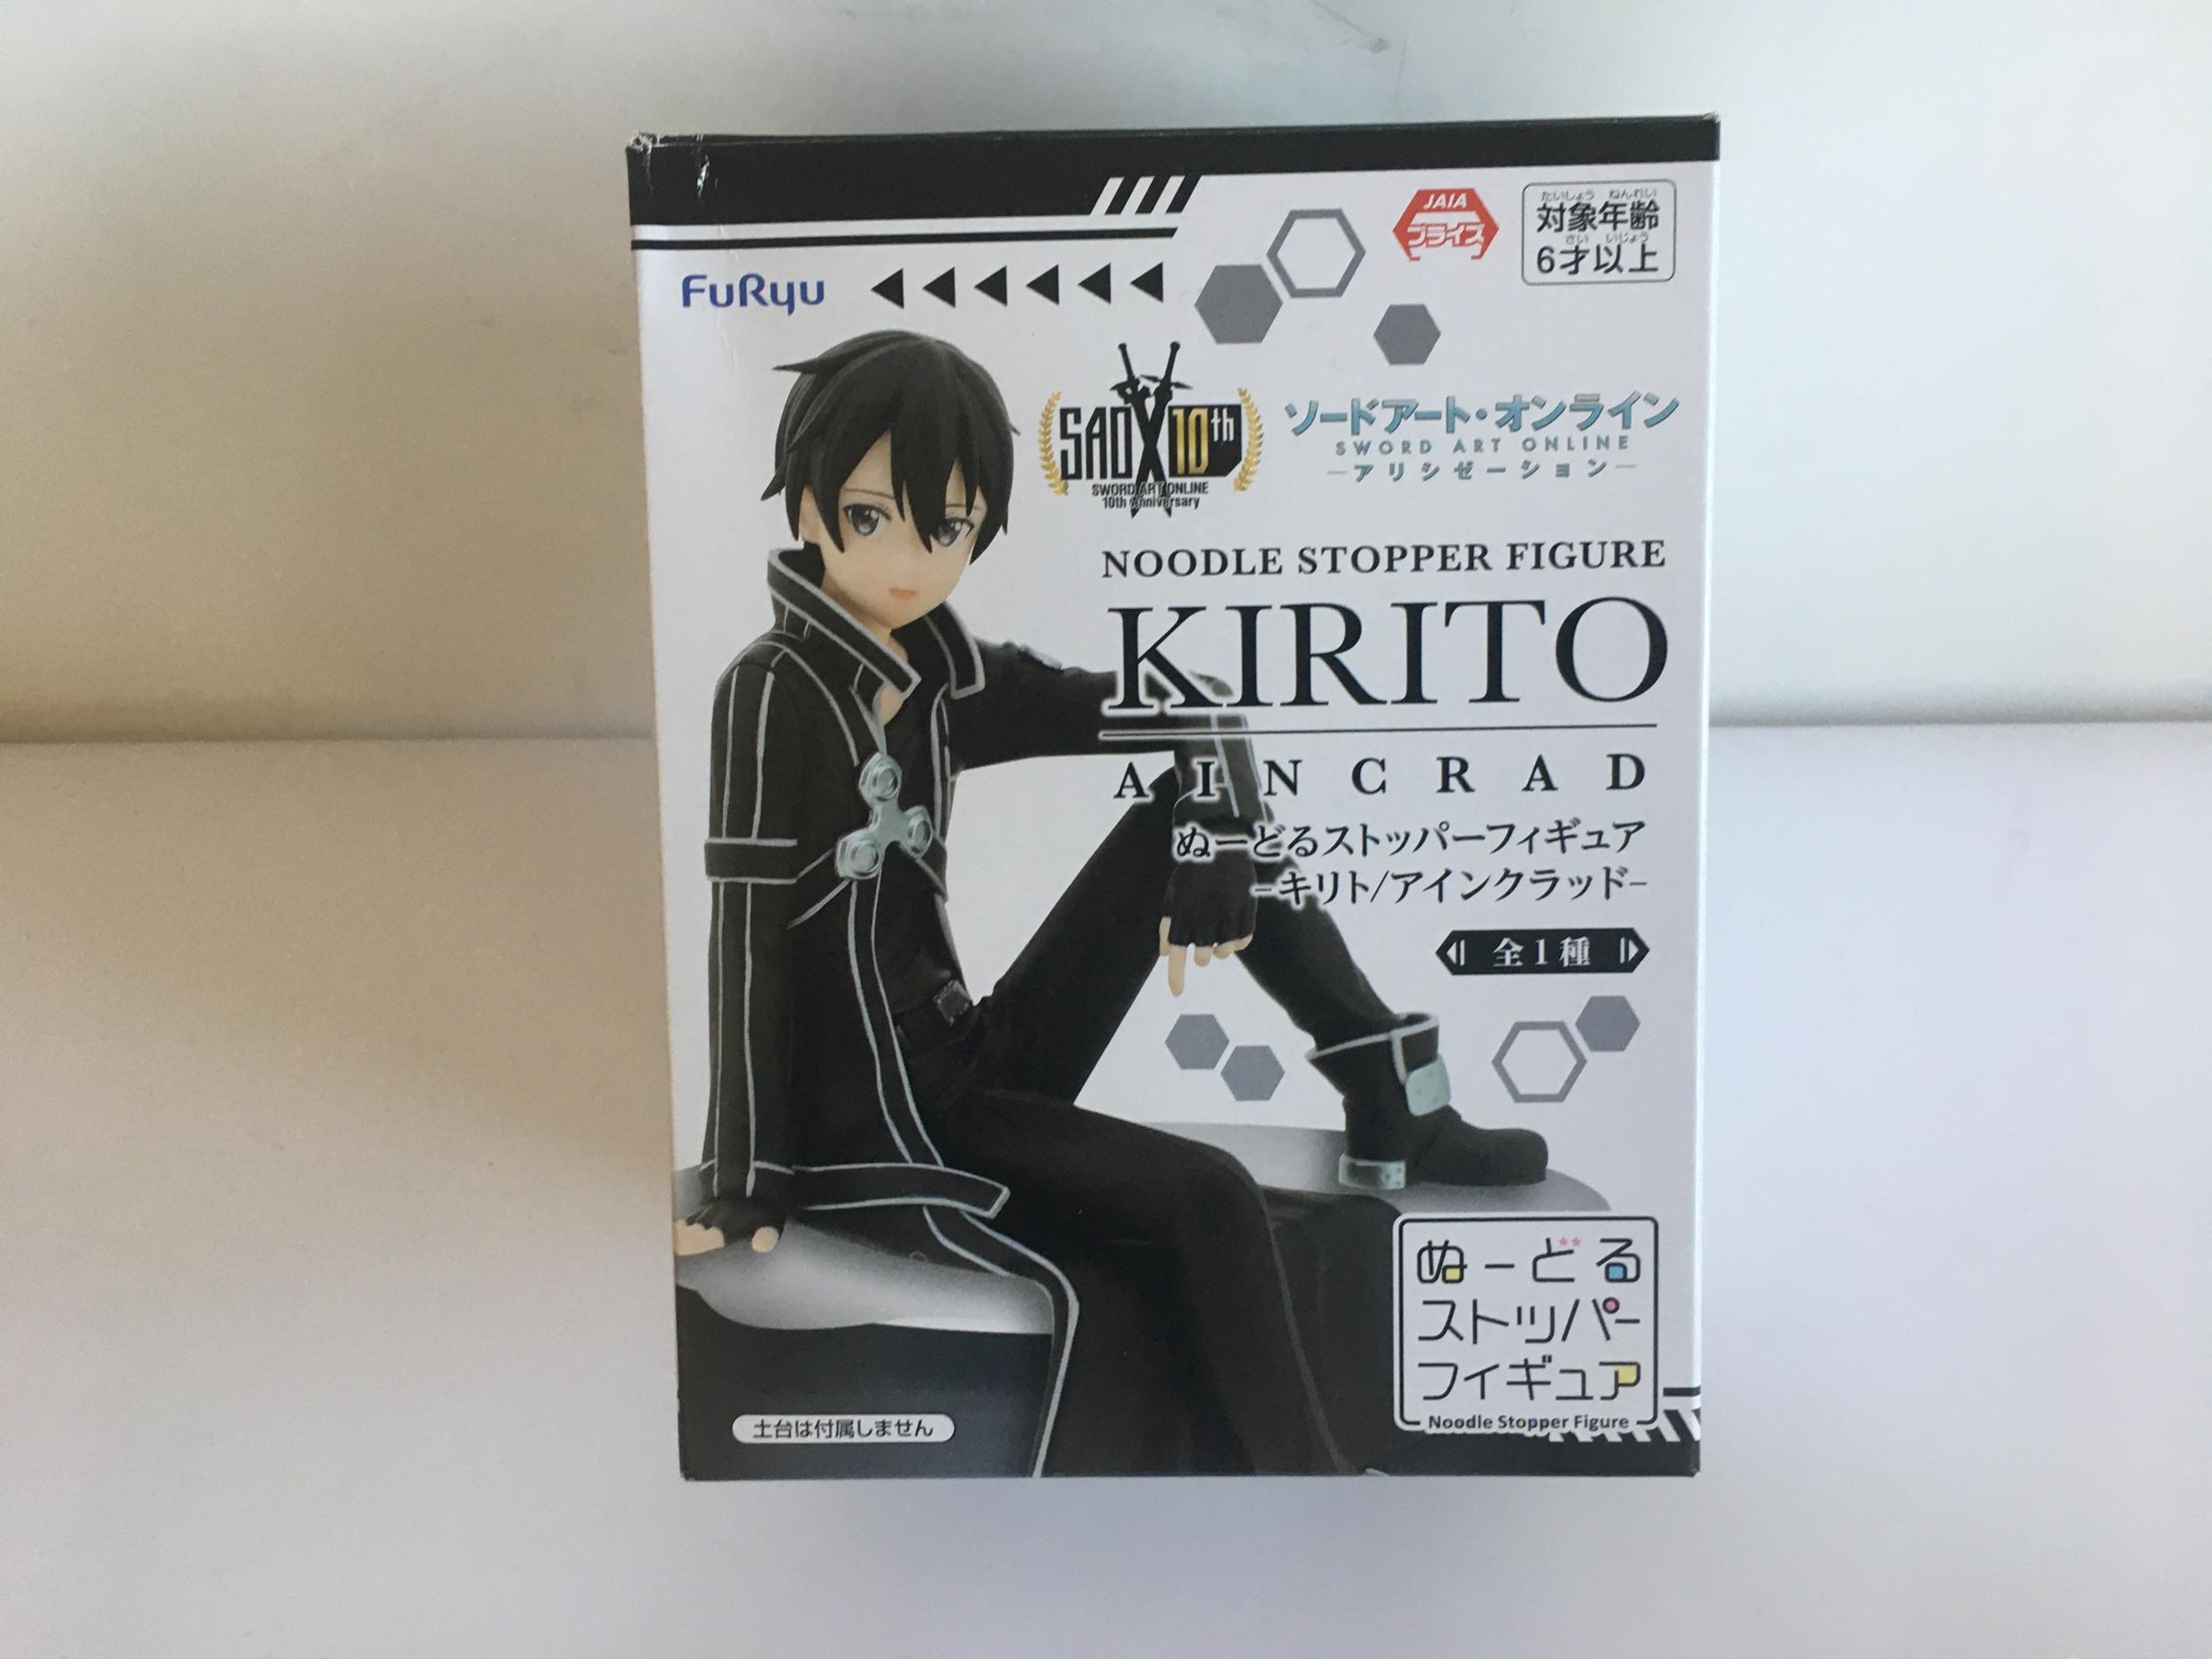 Figurine de Kirito vous permettant de garder vos nouilles au chaud (Noodle Stopper) pour le manga Sword Art Online (SAO).